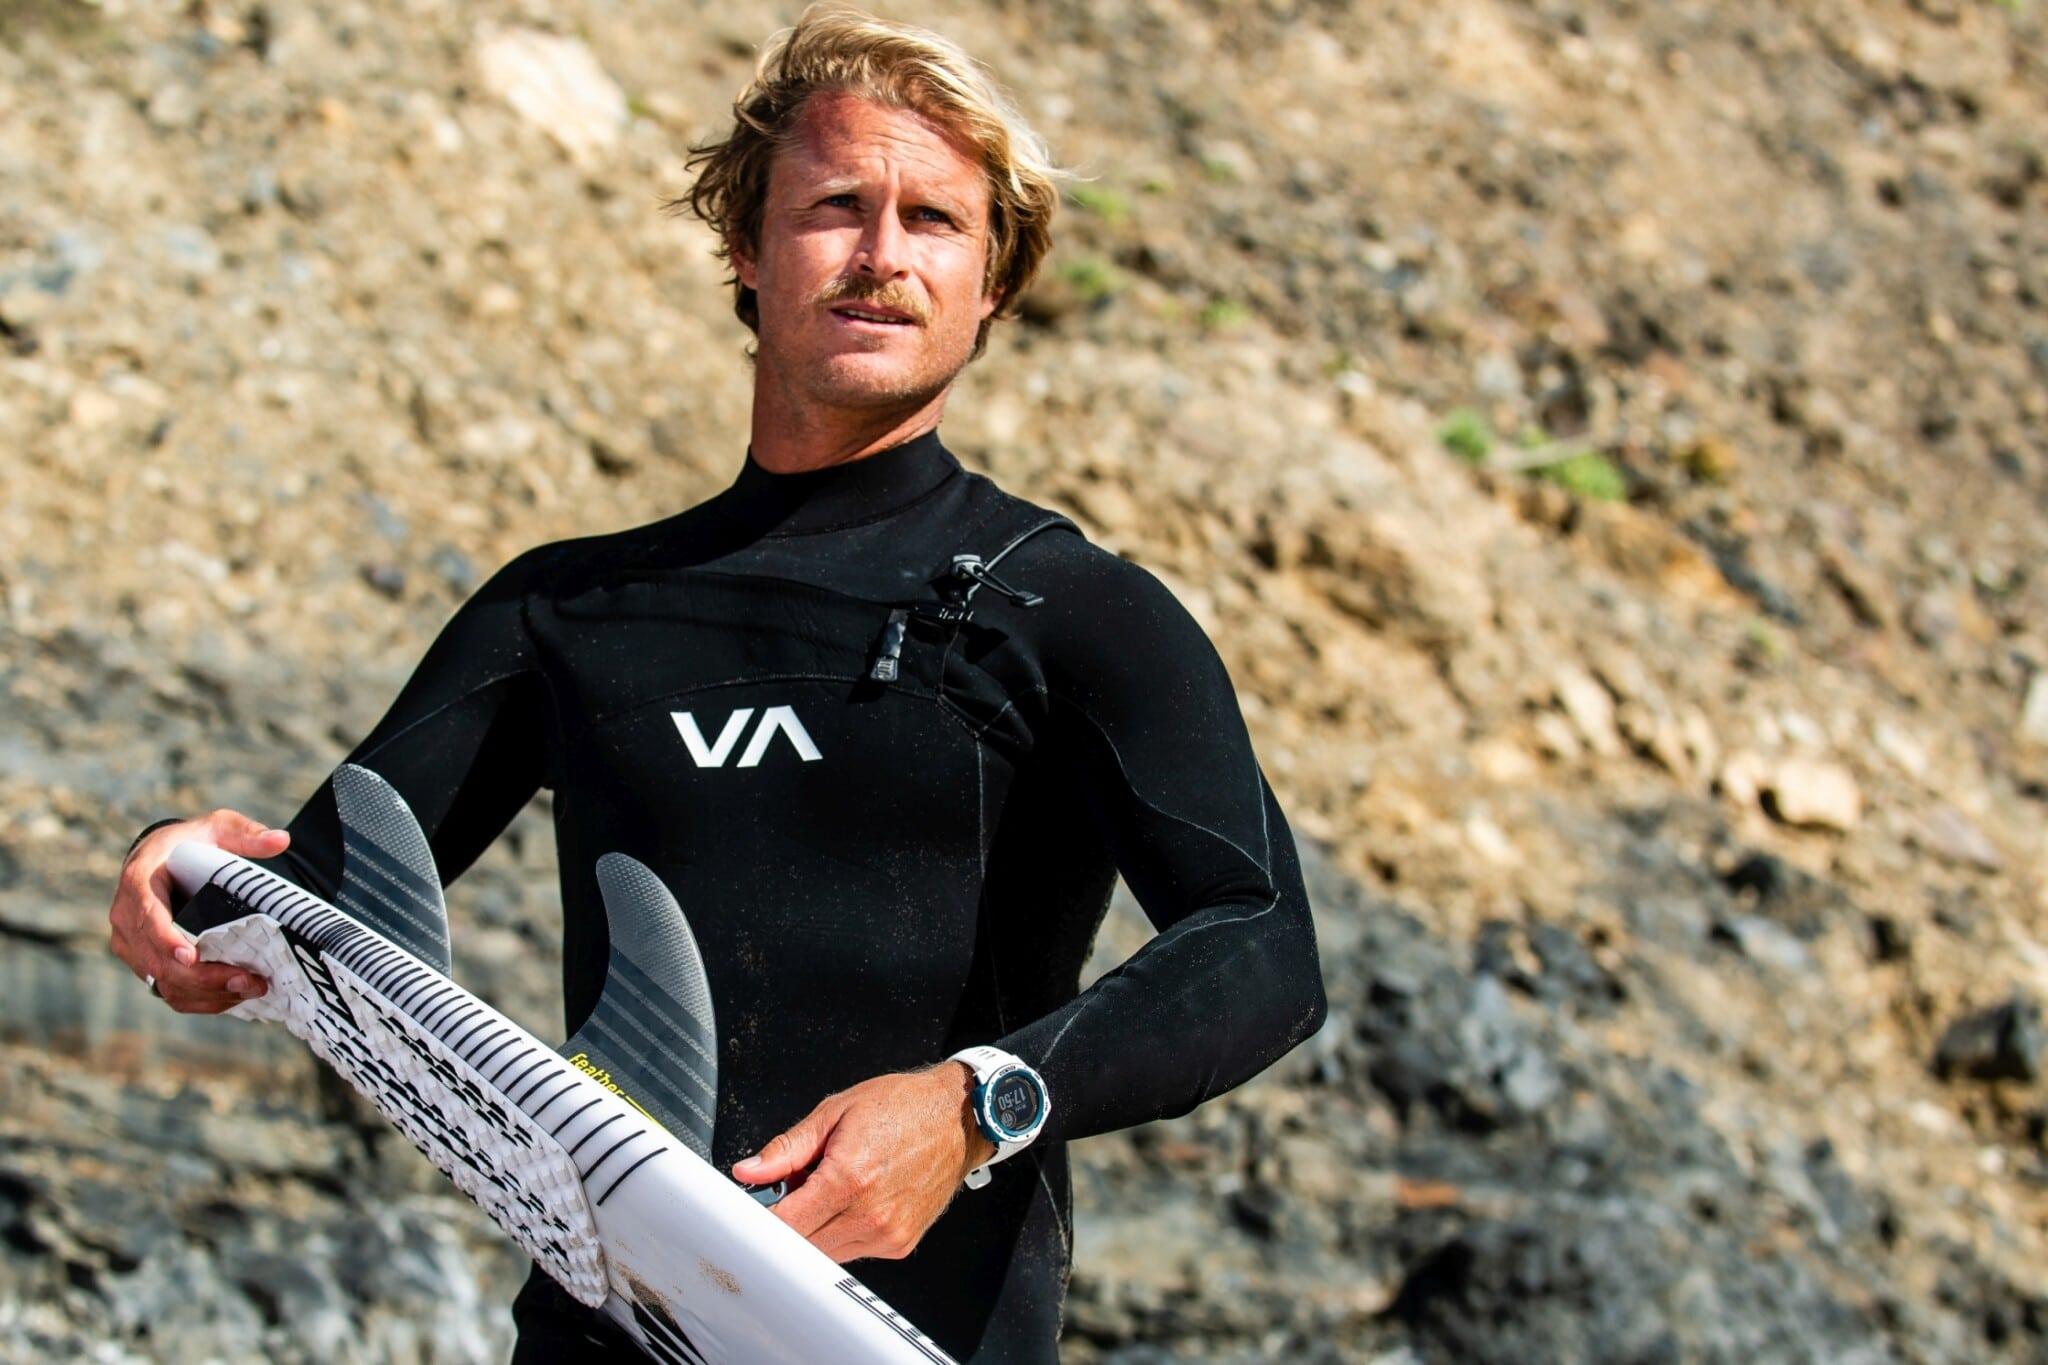 Marlon Lipke traegt die Instinct Surf klein scaled